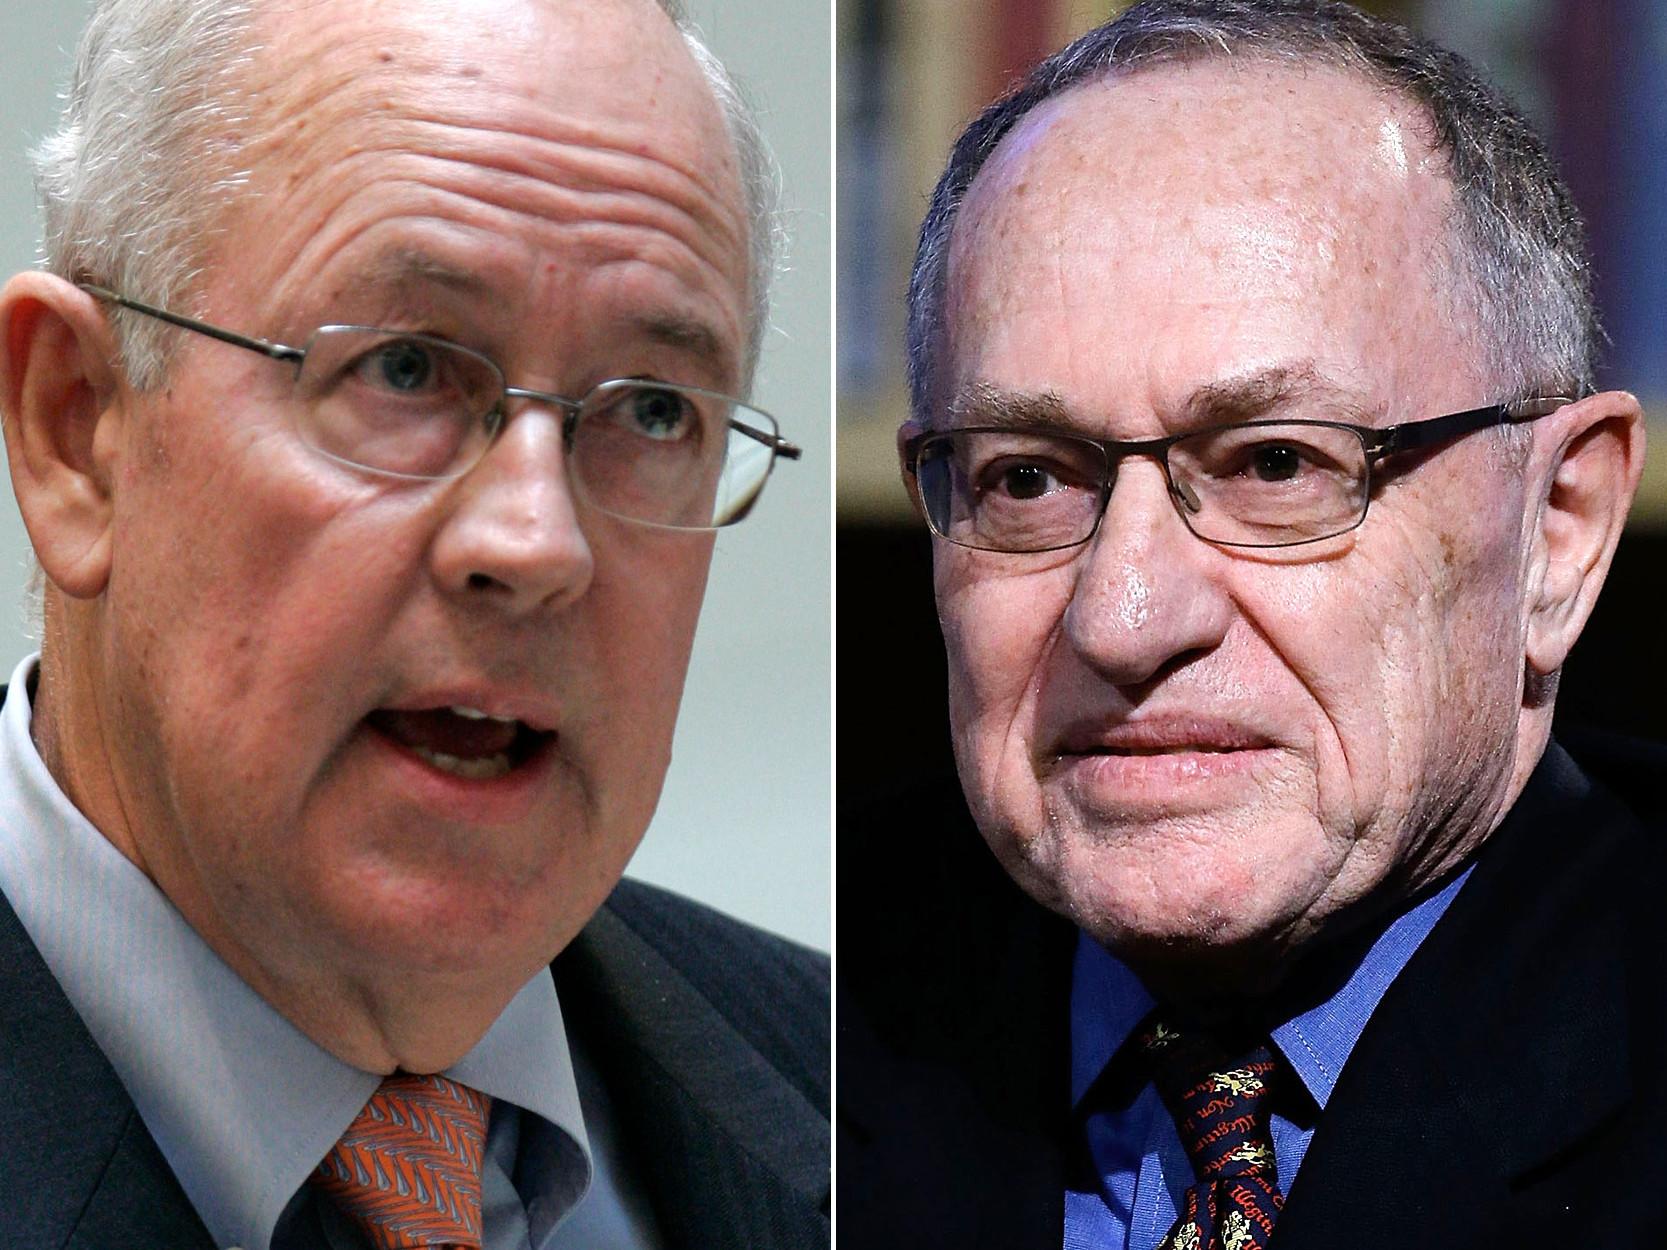 Trump impeachment trial legal team will feature Alan Dershowitz, Ken Starr, Pam Bondi